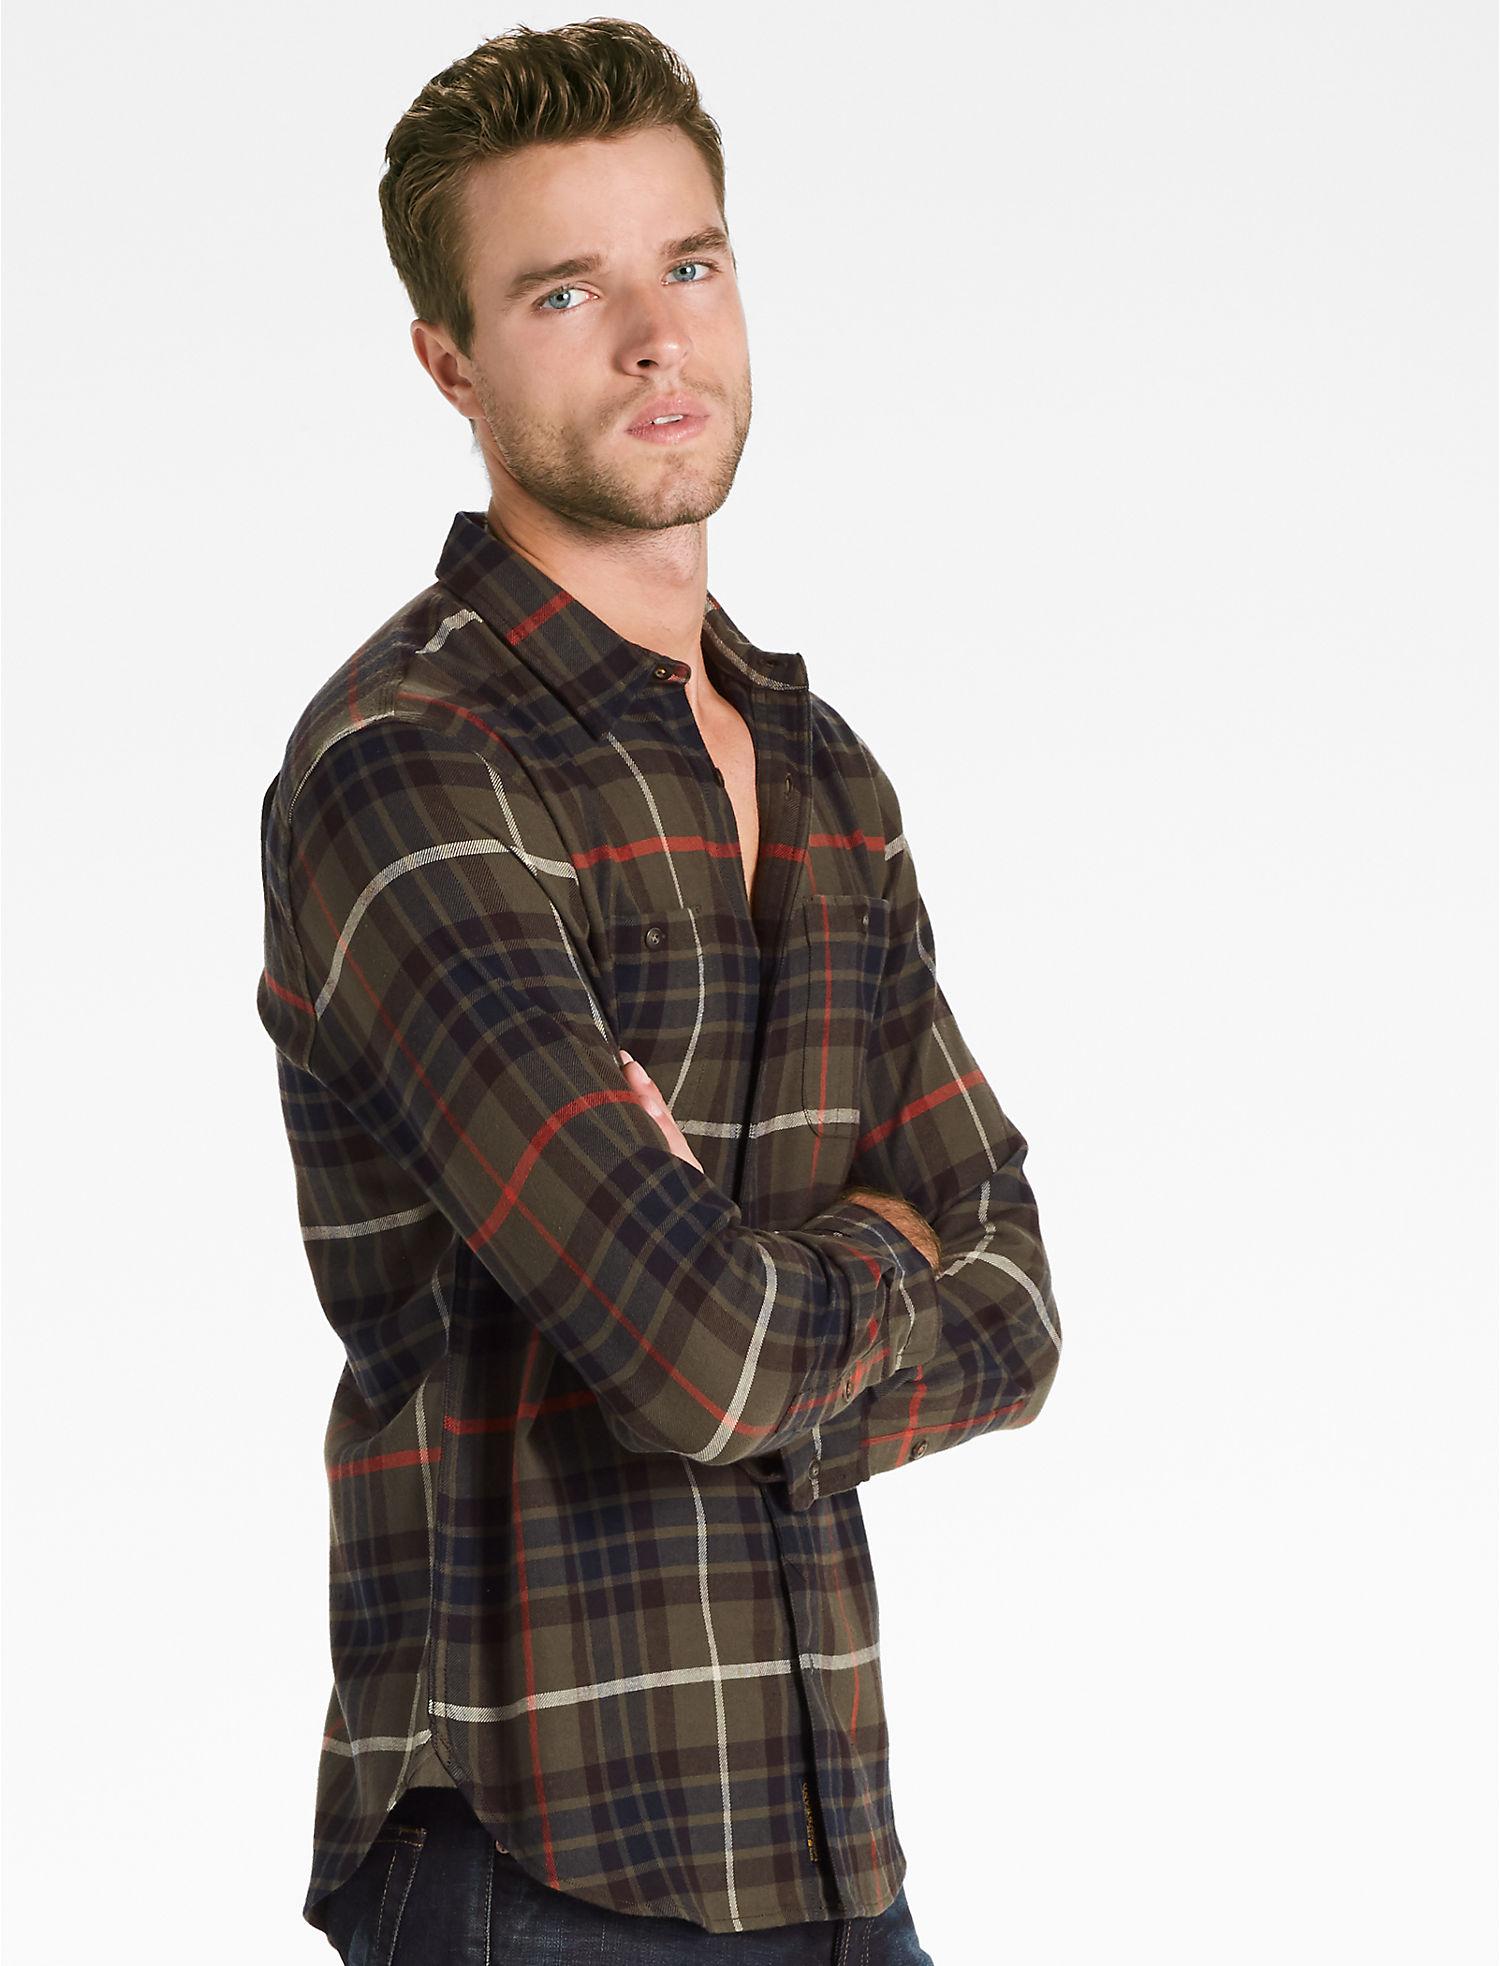 Saturday Stretch Workwear Shirt | Tuggl